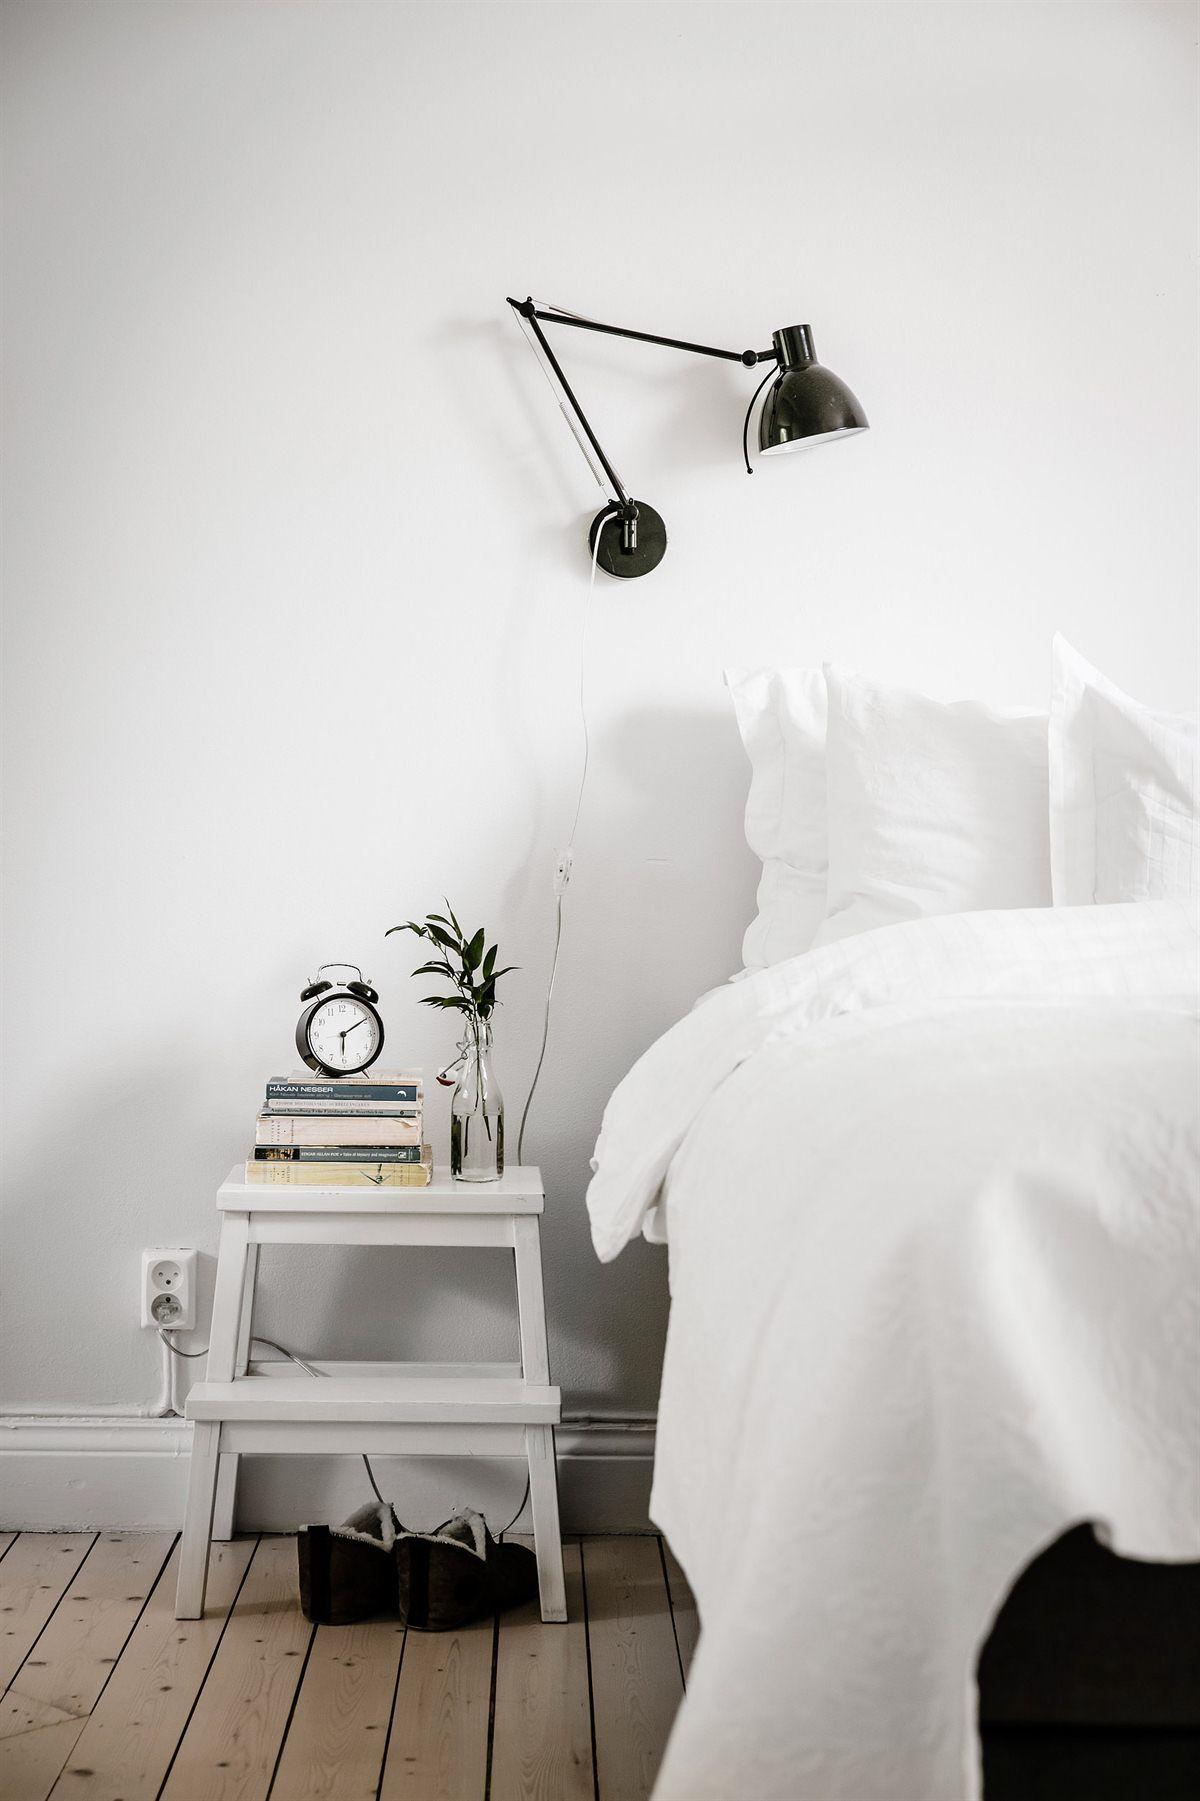 1000+ images about Idéer til huset on Pinterest